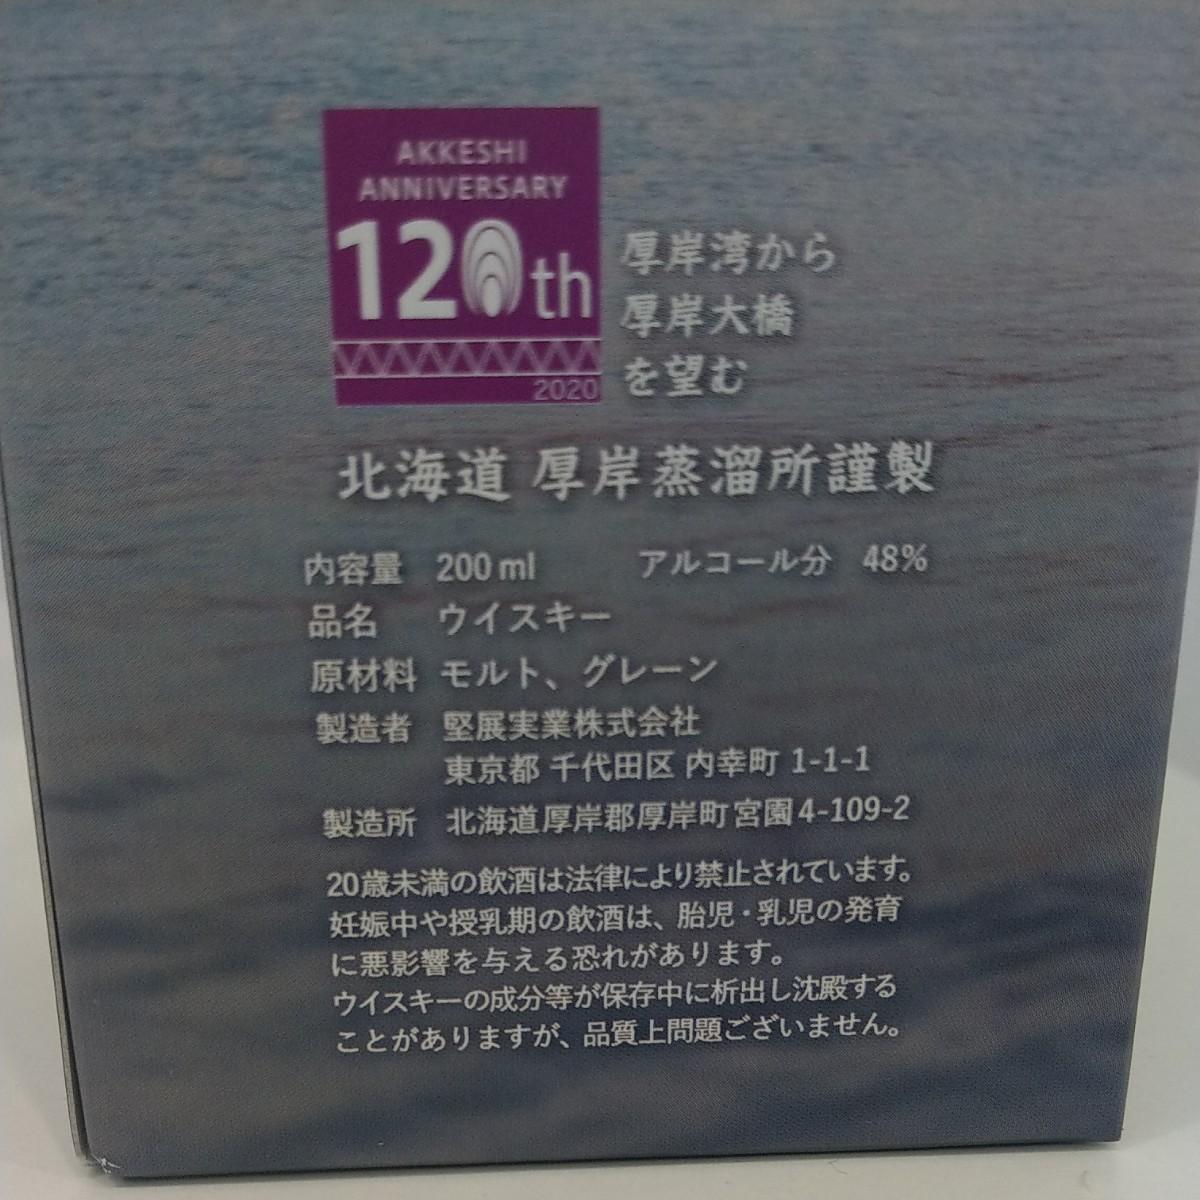 厚岸ウイスキー 3本組 厚岸パンフレット付(4カ国語の表記)